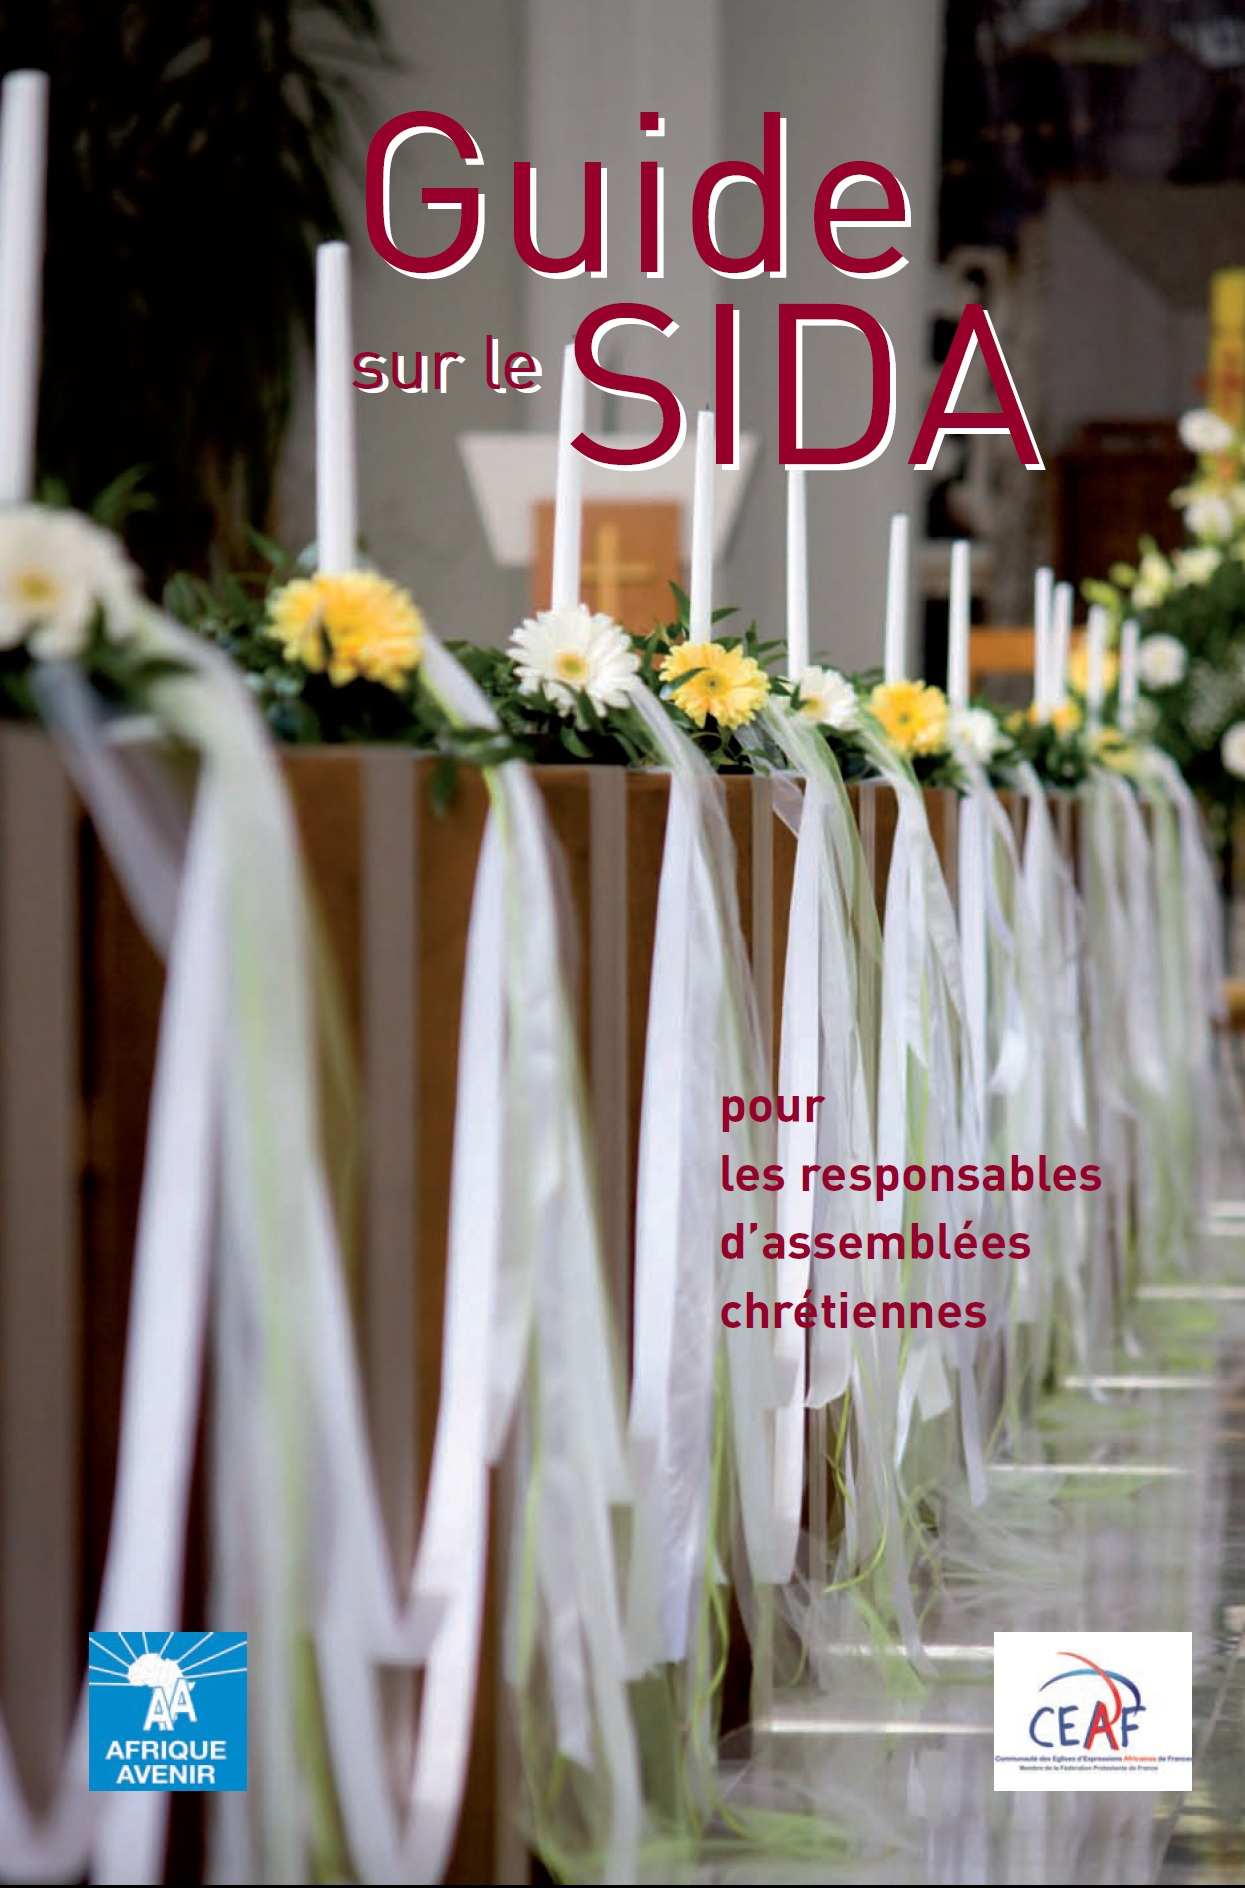 Guide sur le sida pour les responsables d'assemblées chrétiennes